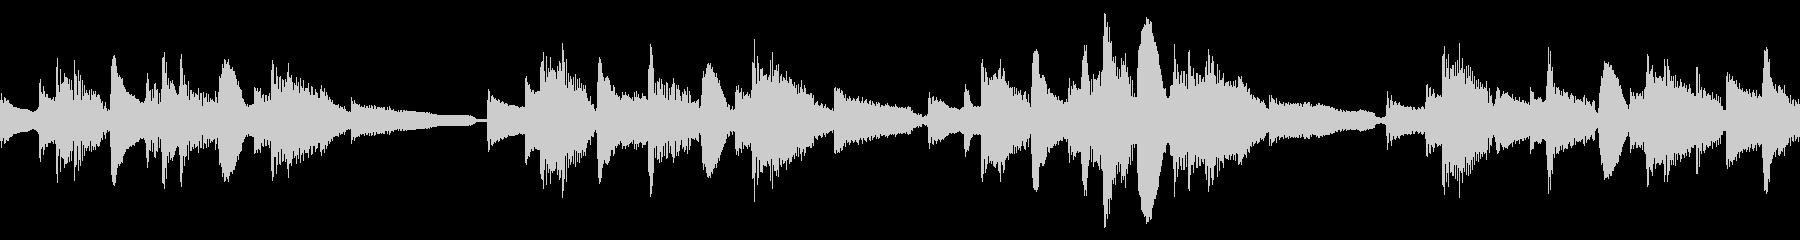 アコギ56/ファンタジー、20秒ループの未再生の波形